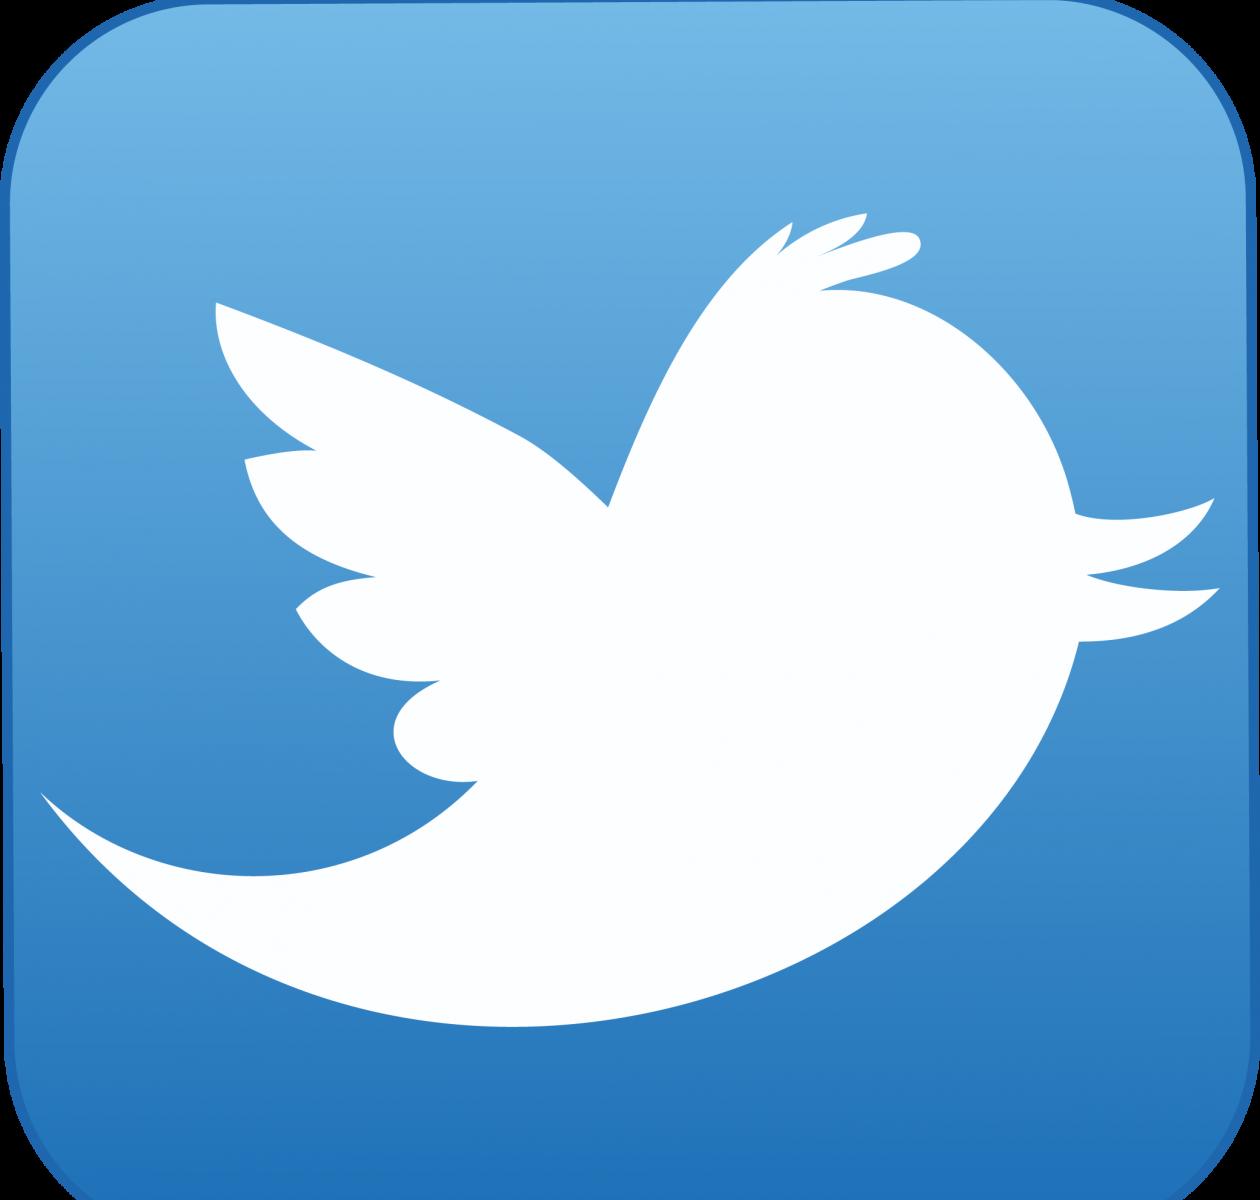 Разработчики мобильного приложения Twitter ввели ряд нововведений